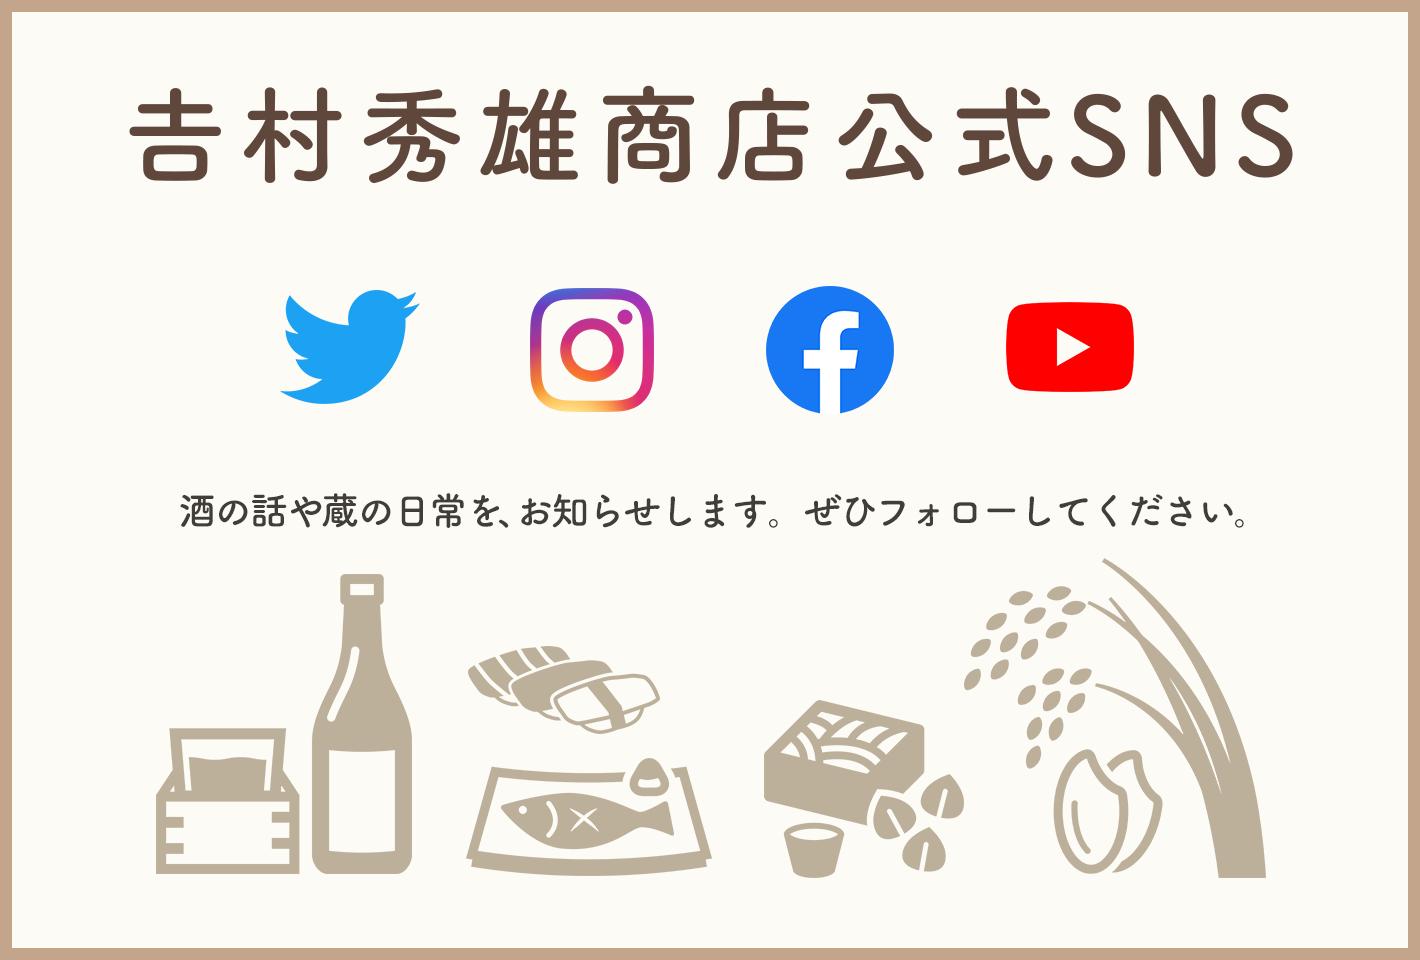 𠮷村秀雄商店公式SNS 蔵の日常、新製品・イベント情報をお知らせします。